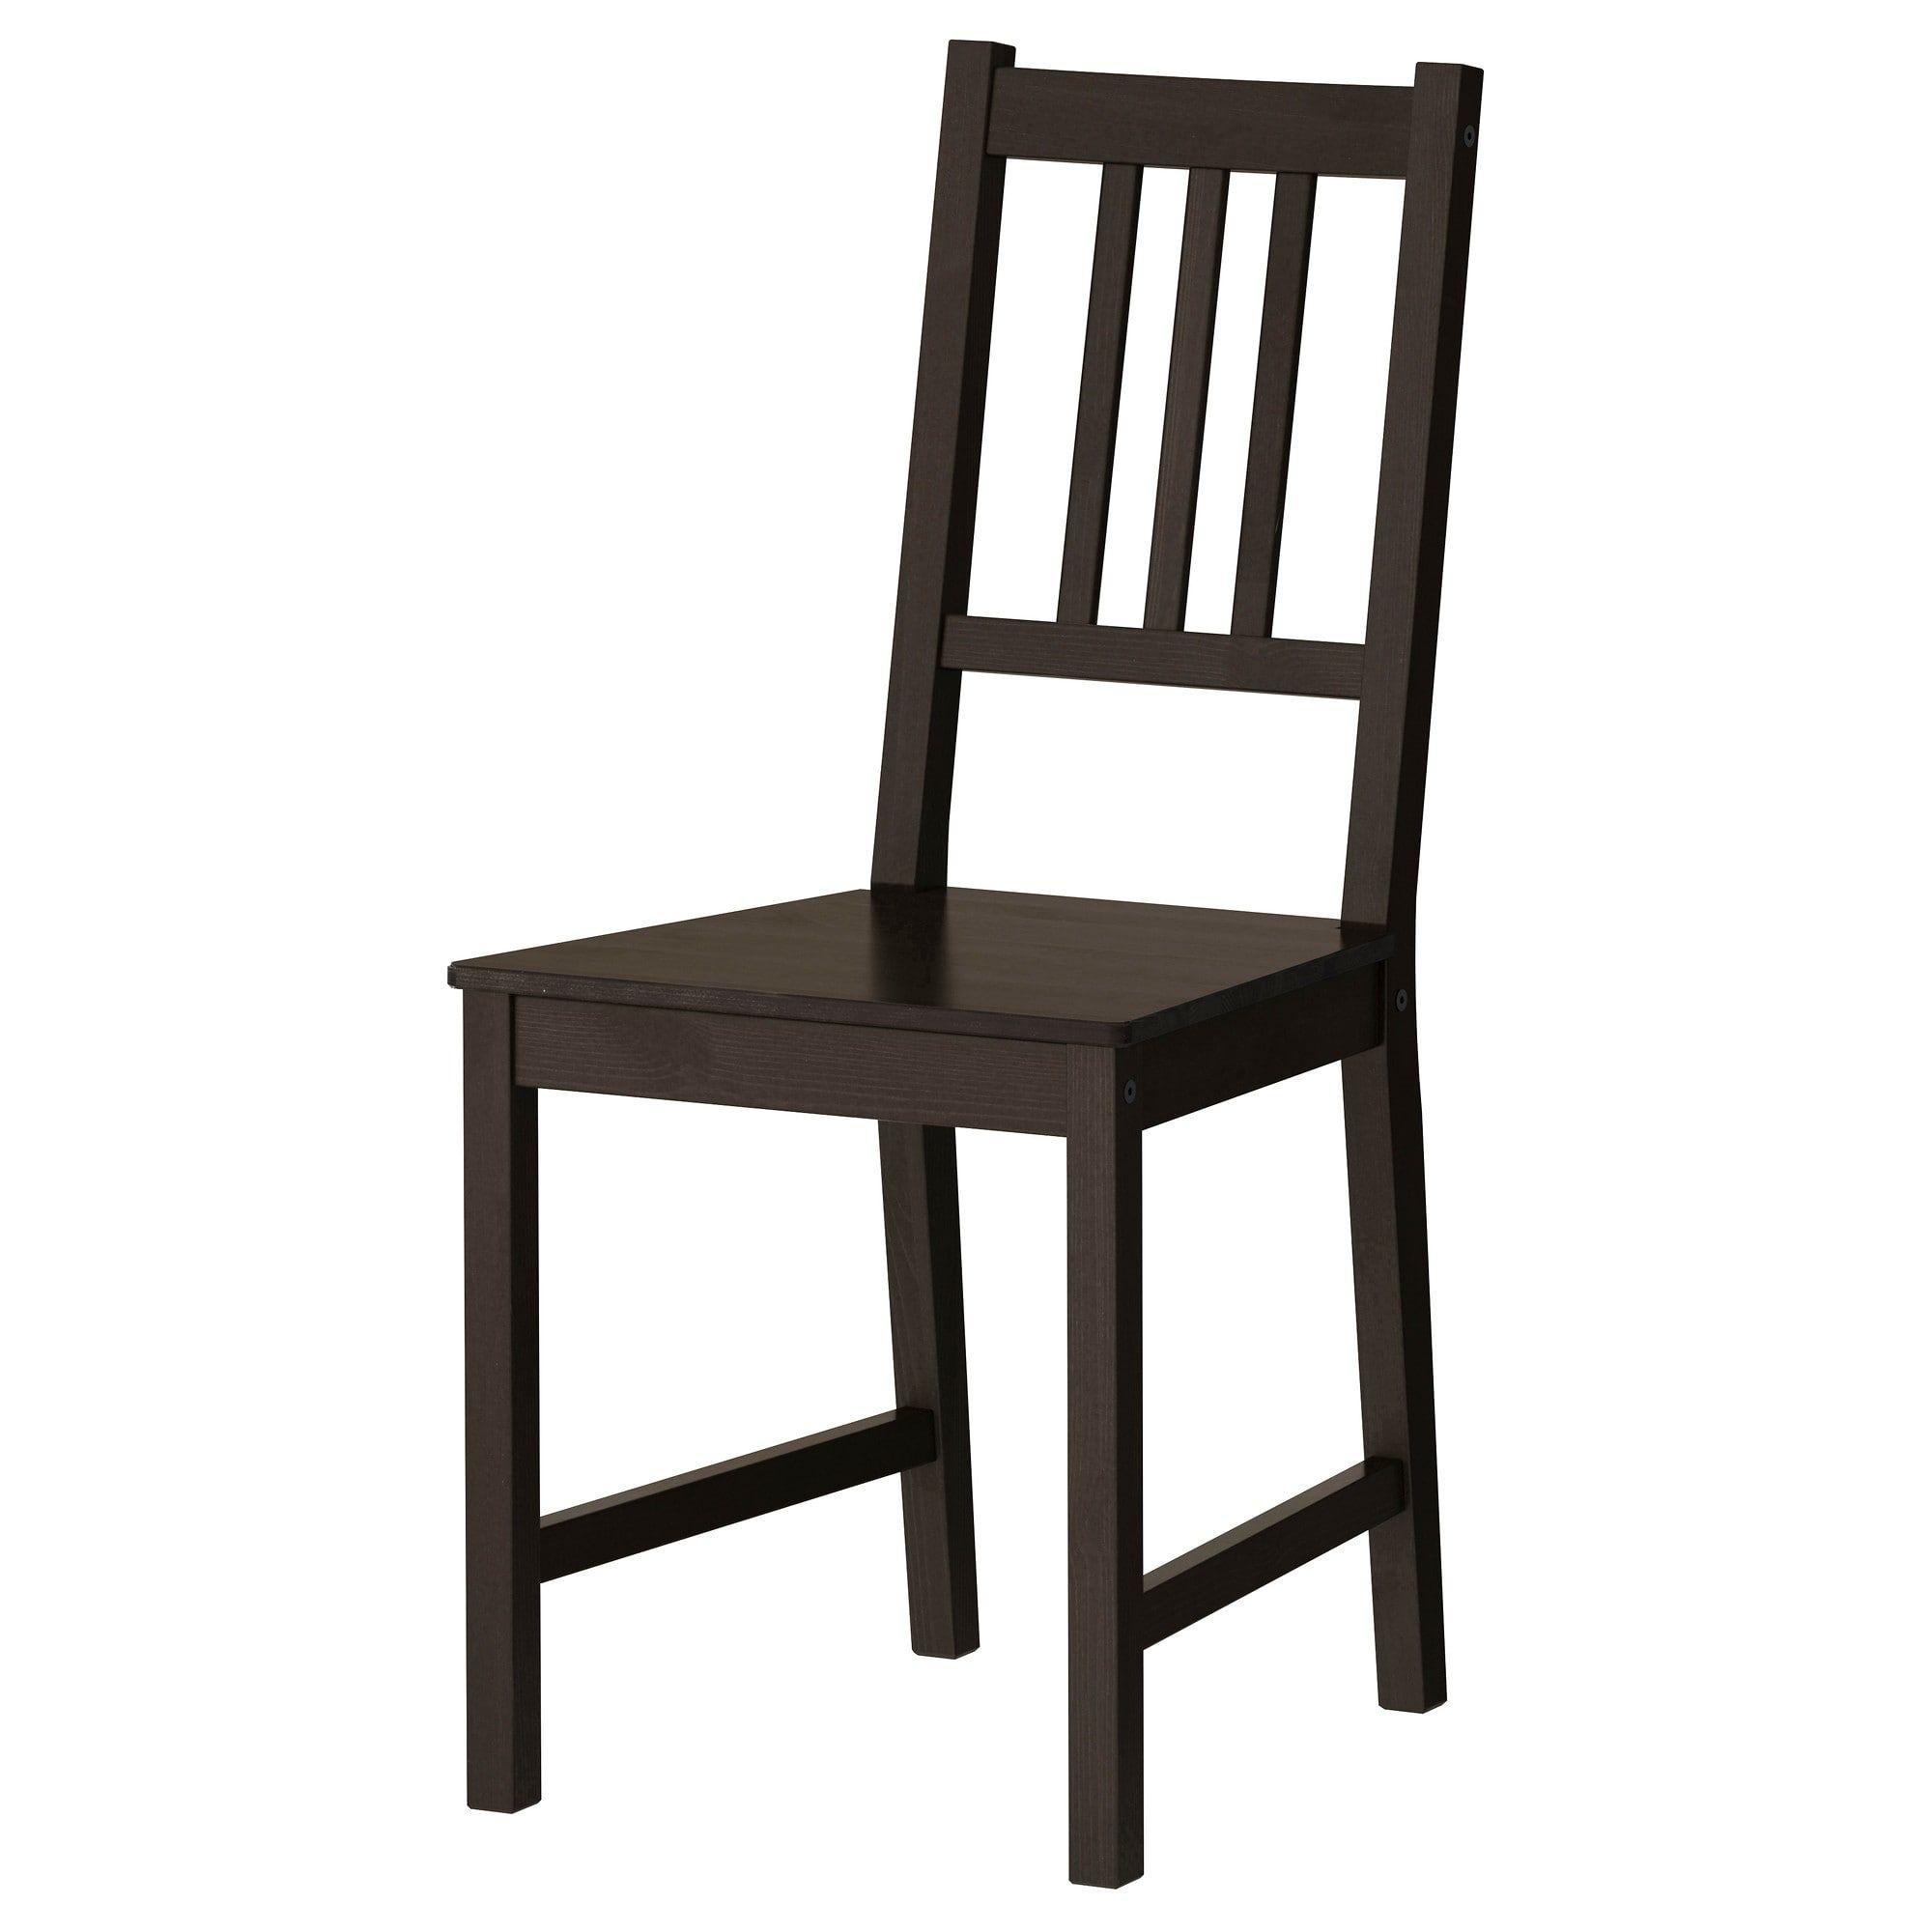 stefan chair brown black dining room m bel st hle holzst hle rh pinterest de